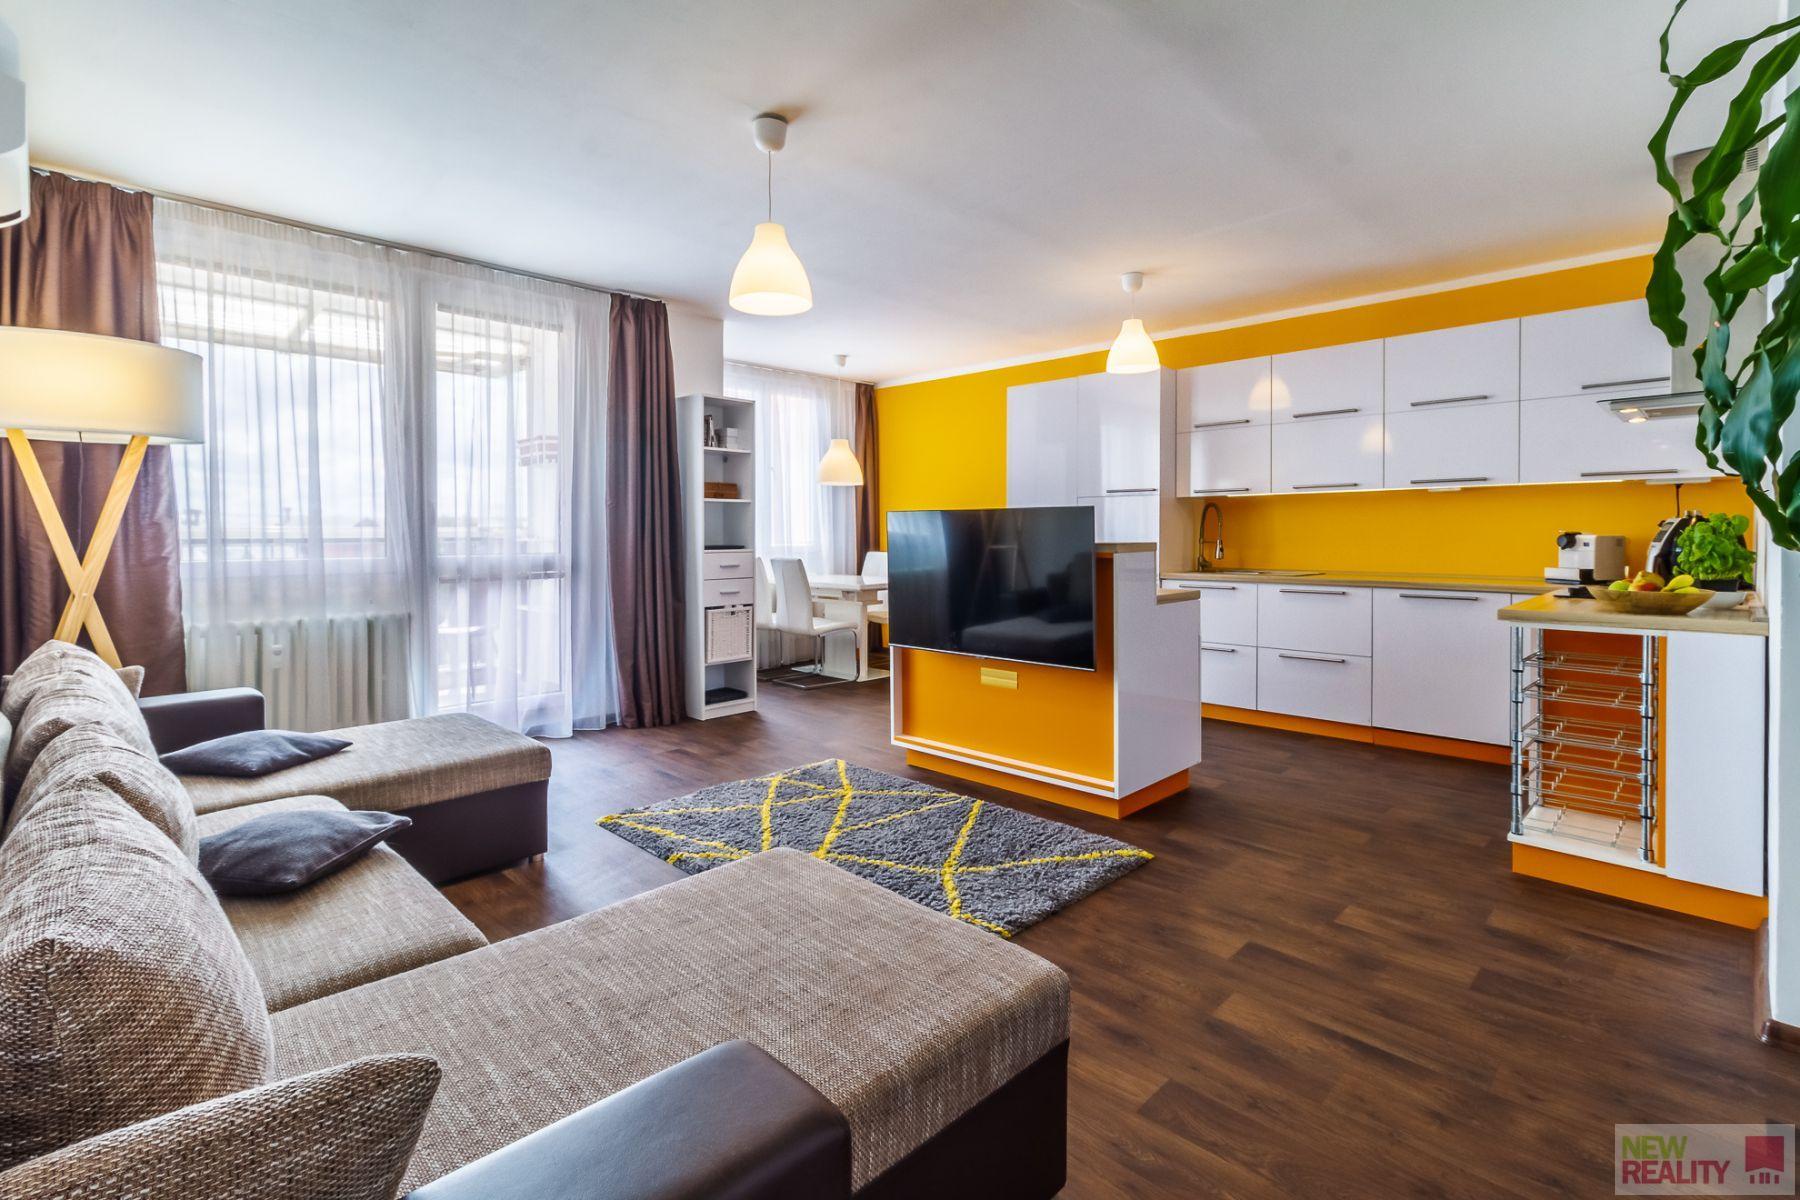 Prodej bytu 3+kk+balkón, 72,30 m2, ulice Mejstříkova, Praha - Háje